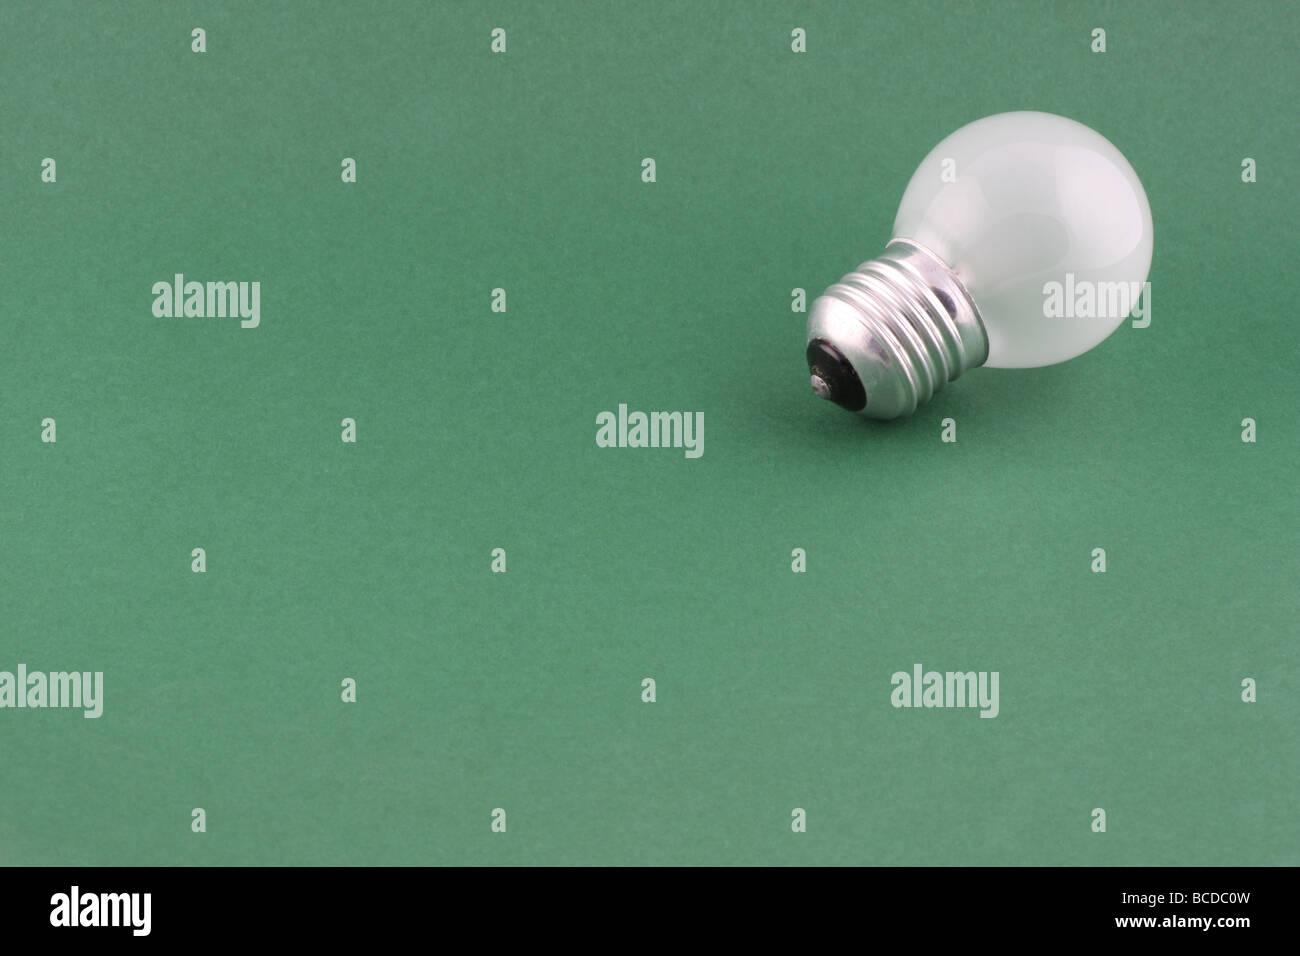 Il concetto di innovazione sullo sfondo Immagini Stock